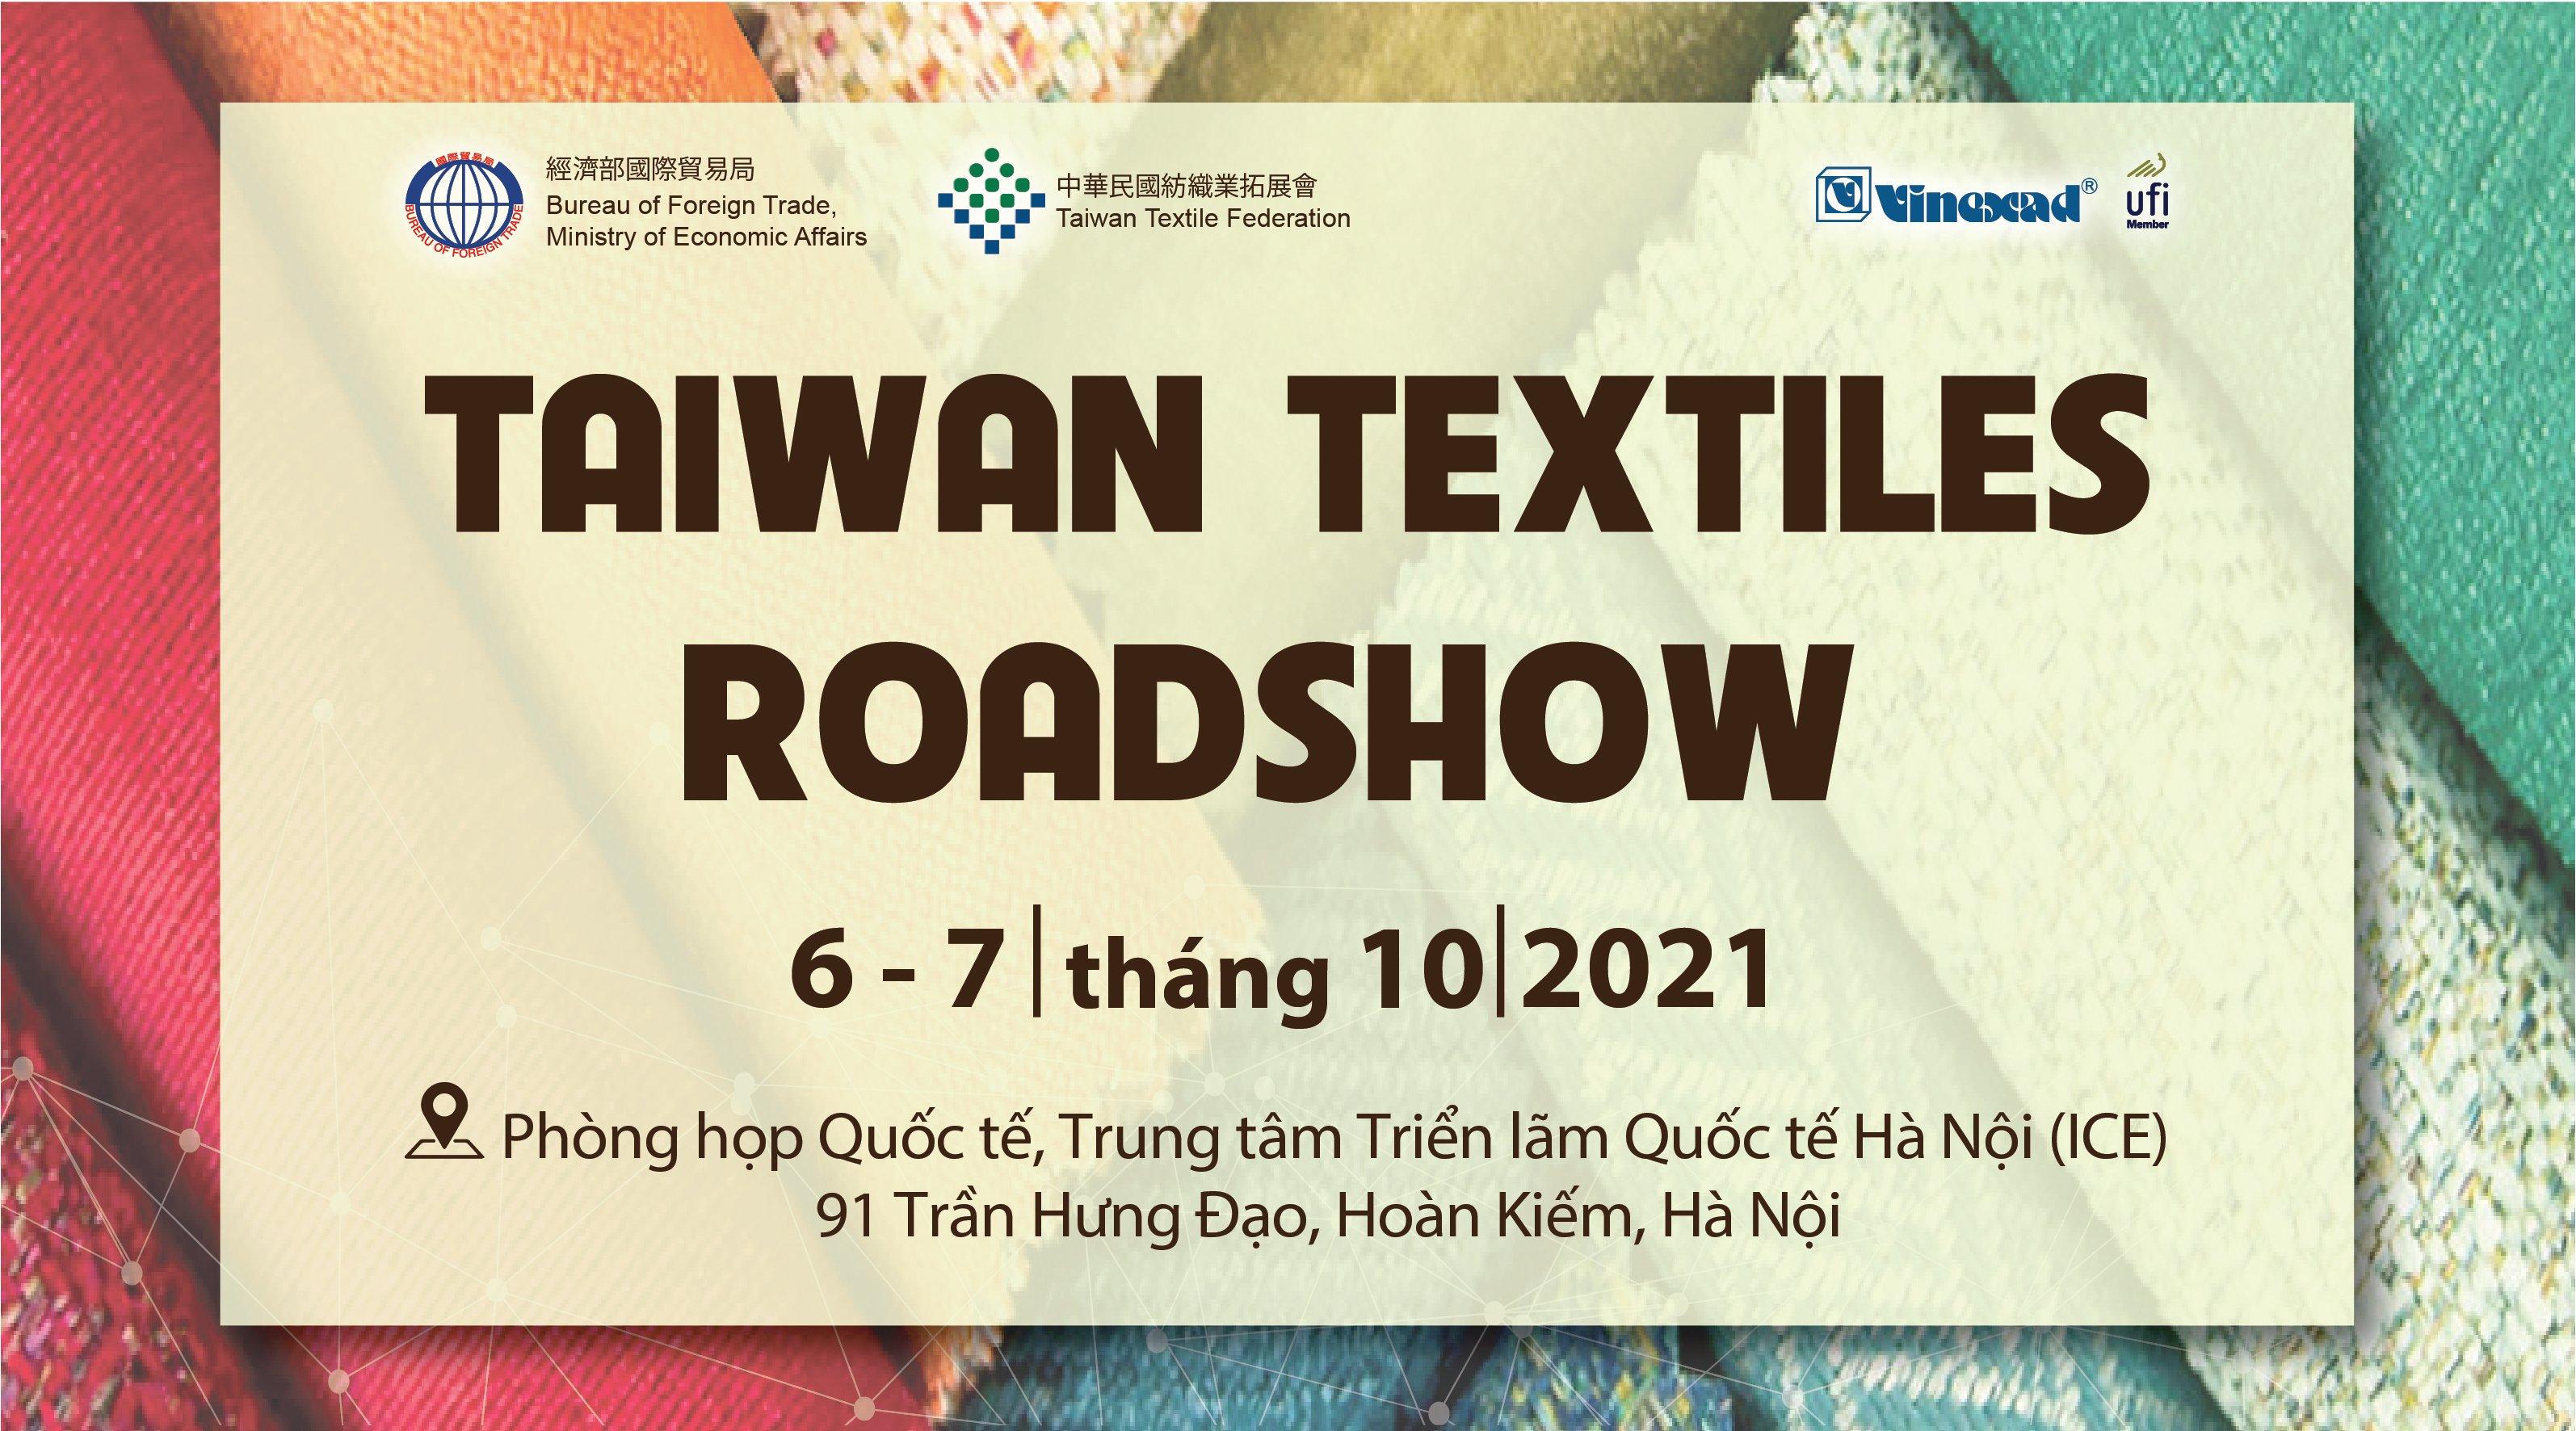 Triển lãm & hội nghị giao thương xúc tiến ngành dệt may Việt Nam – Đài Loan (Trung Quốc) 2021